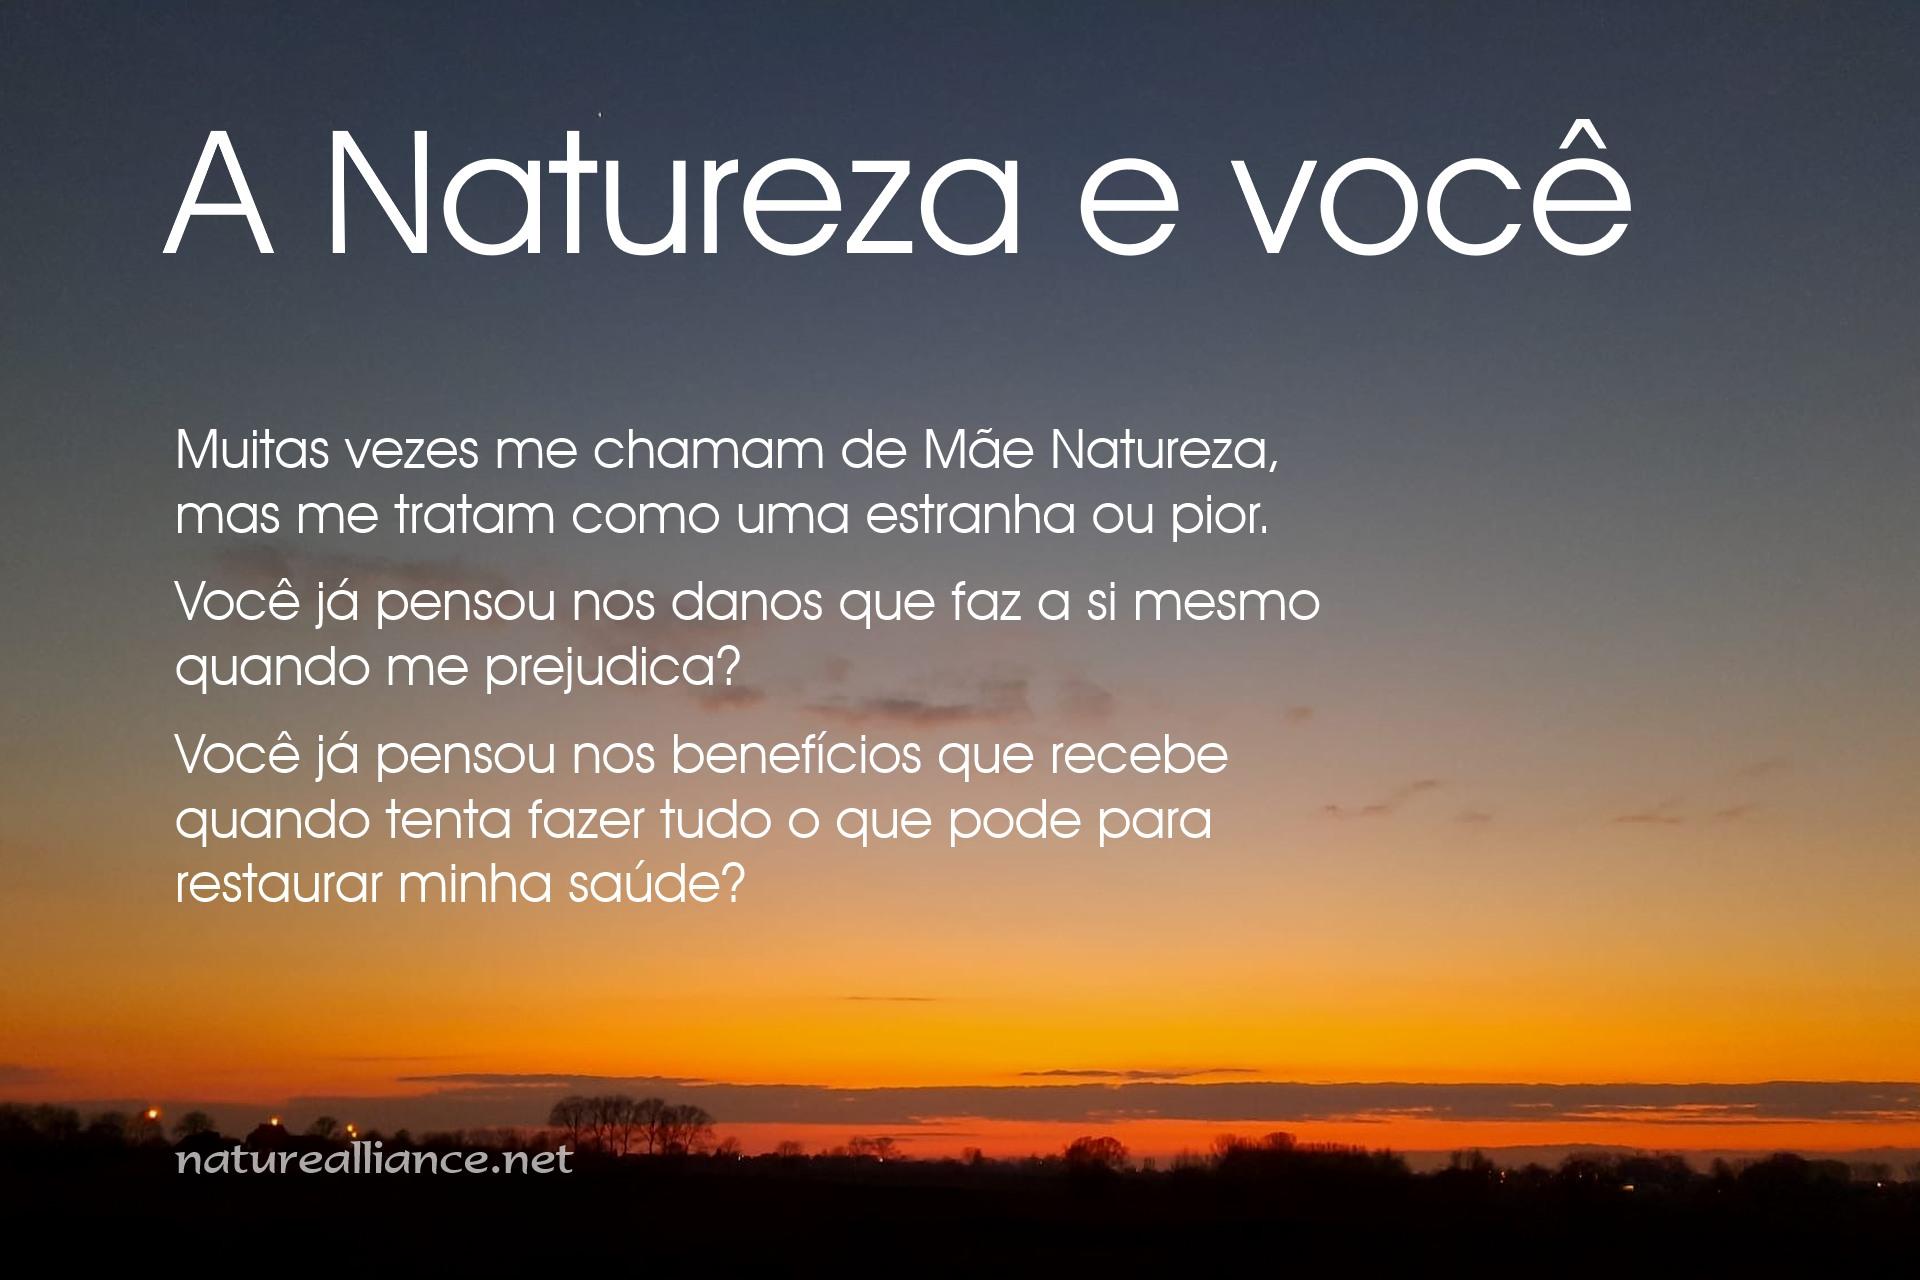 A Natureza e você